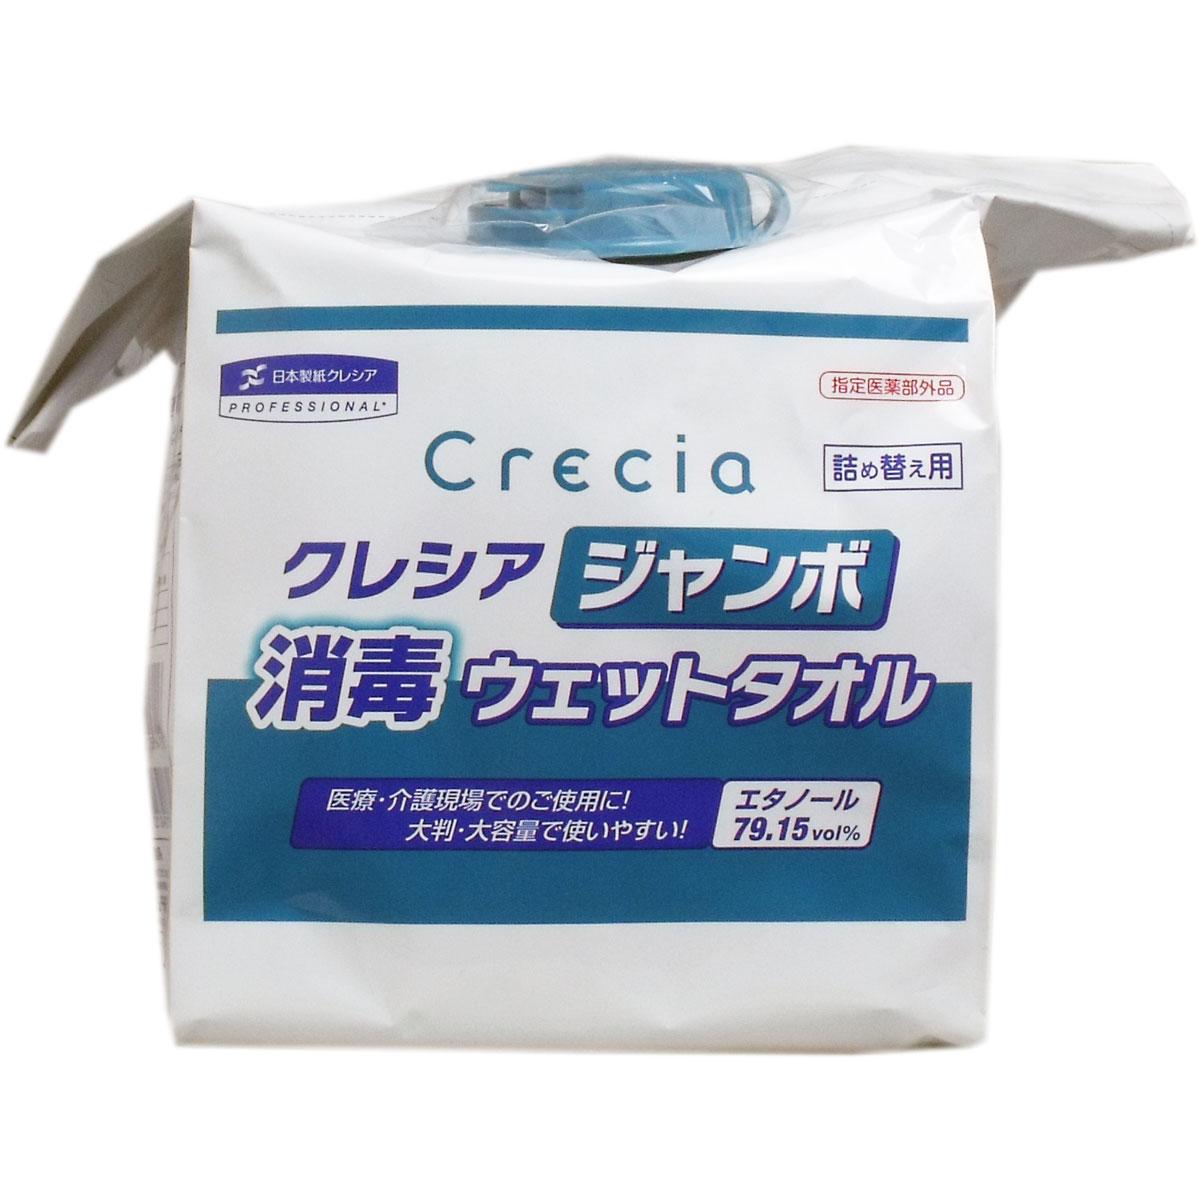 掃除用洗剤・洗濯用洗剤・柔軟剤, 除菌剤  250